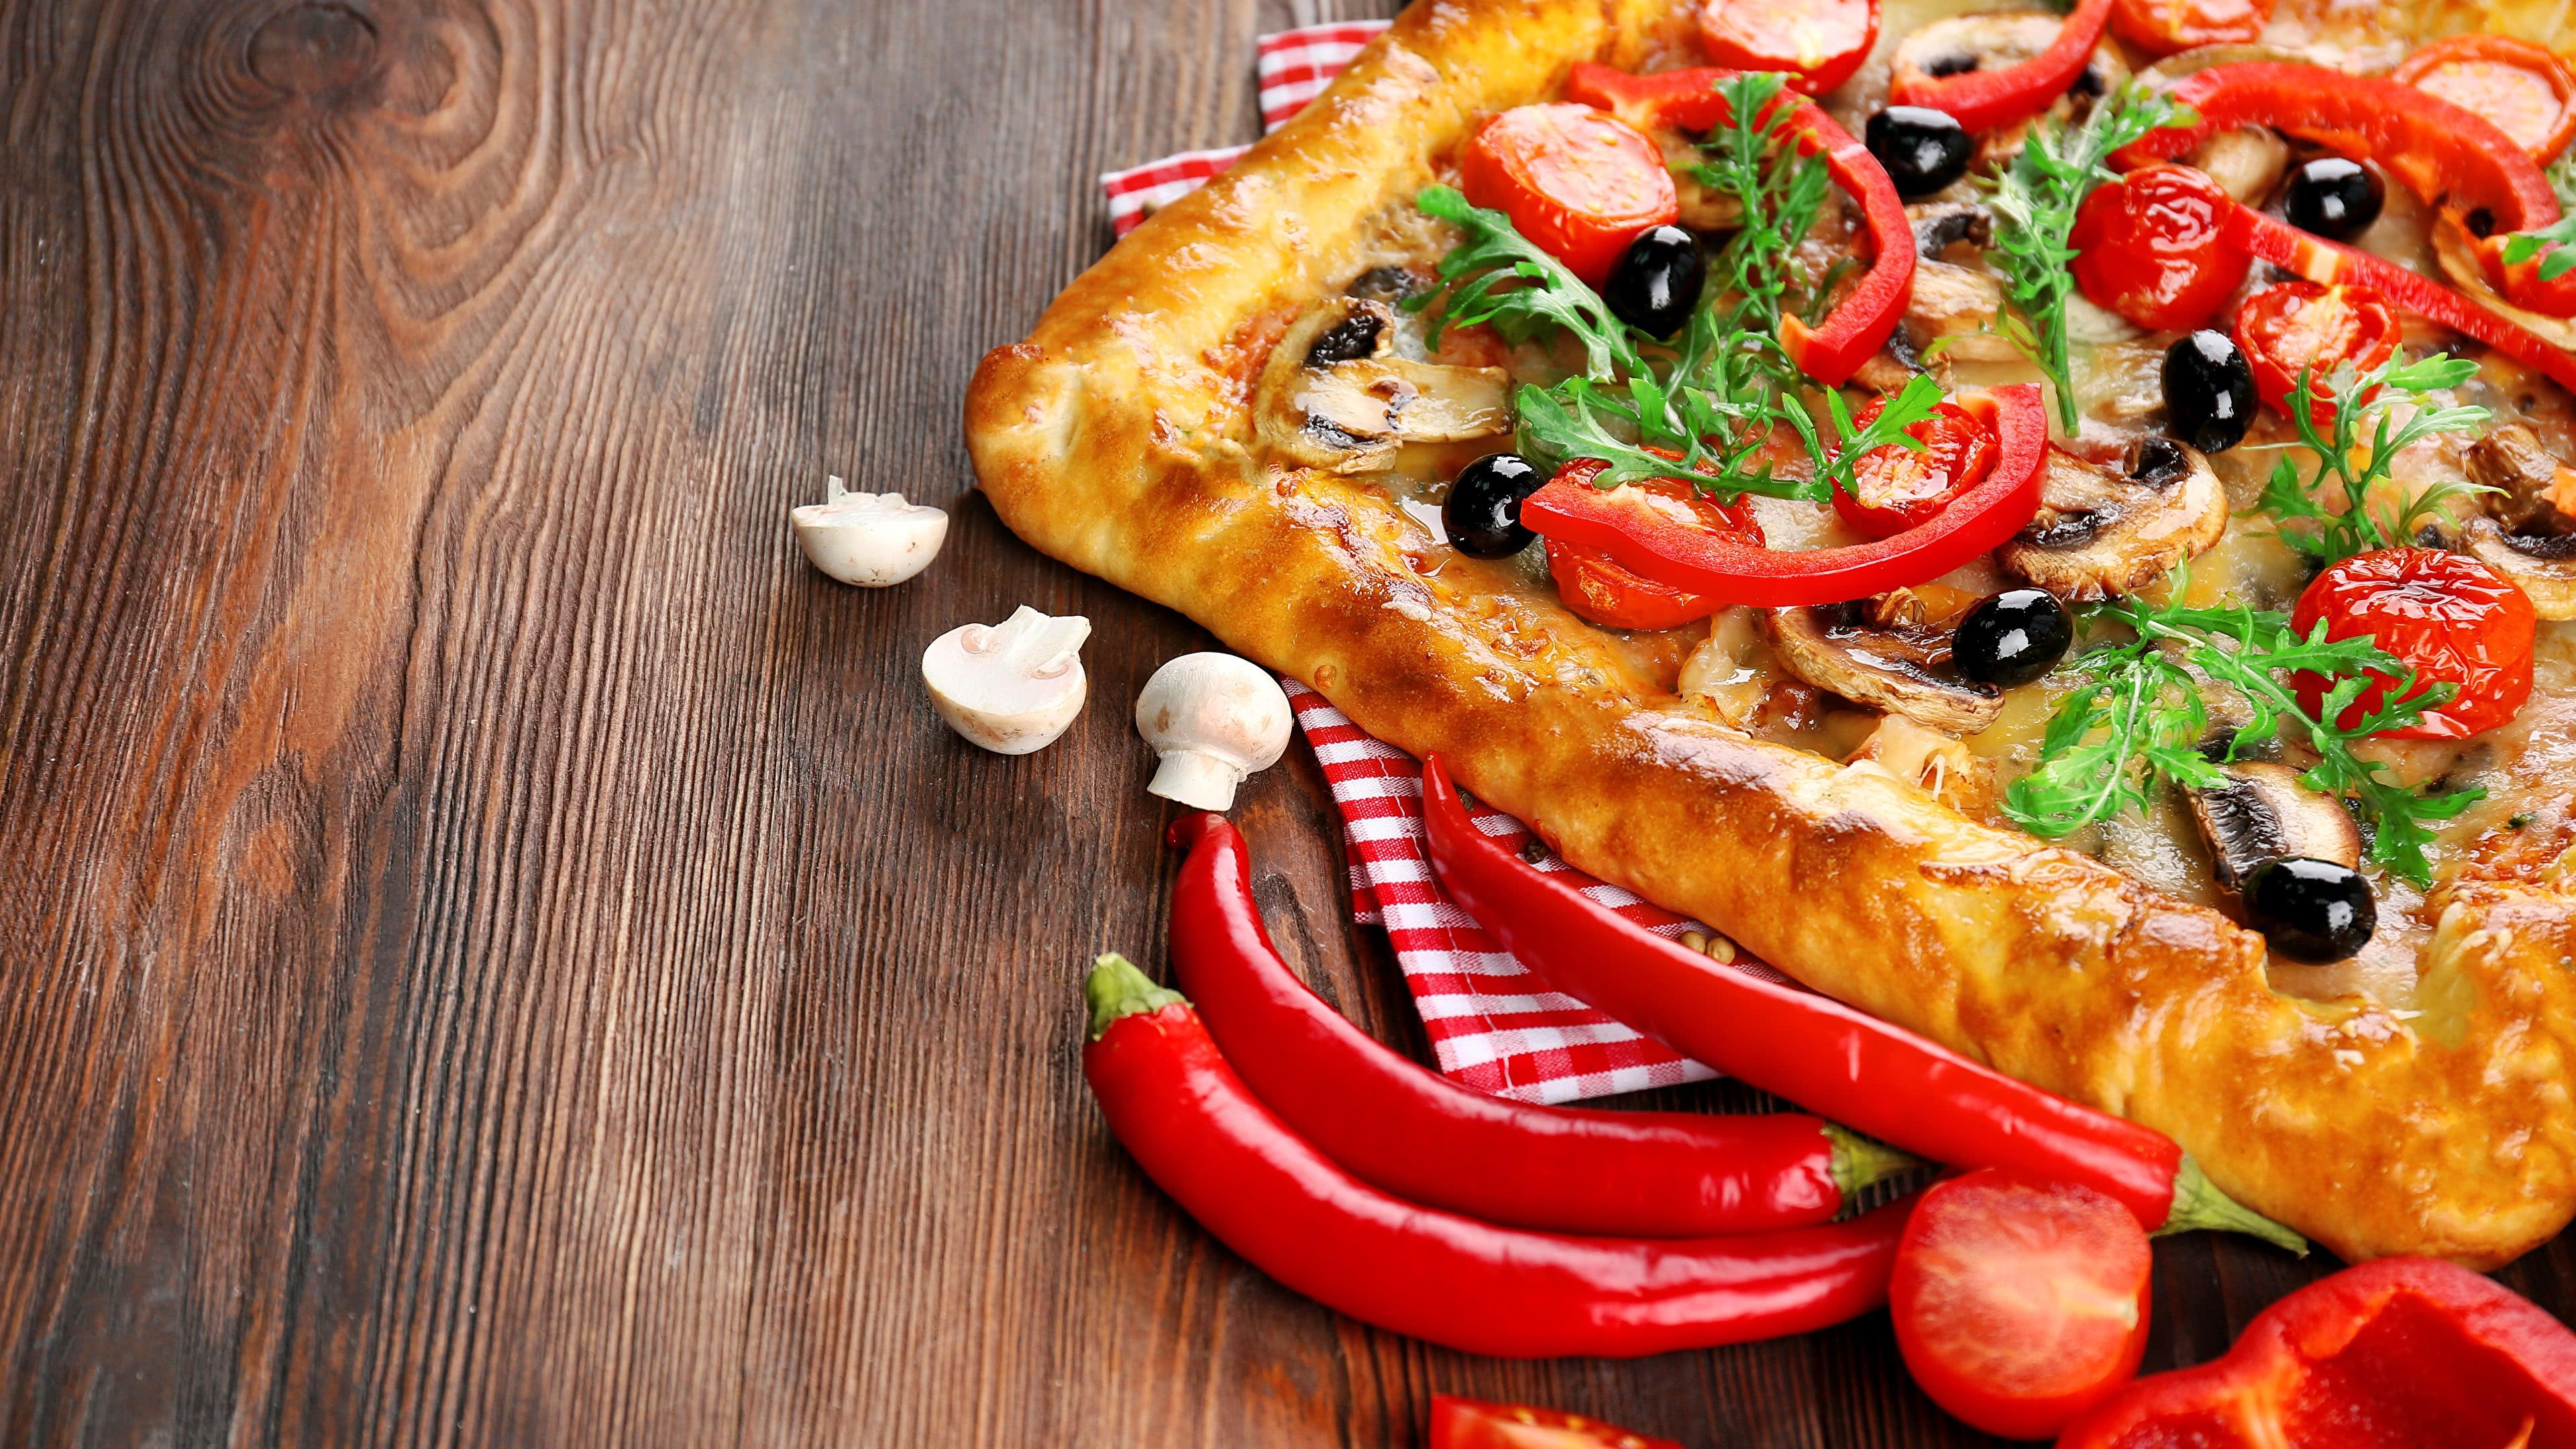 homemade tomato pepper pizza uhd 4k wallpaper